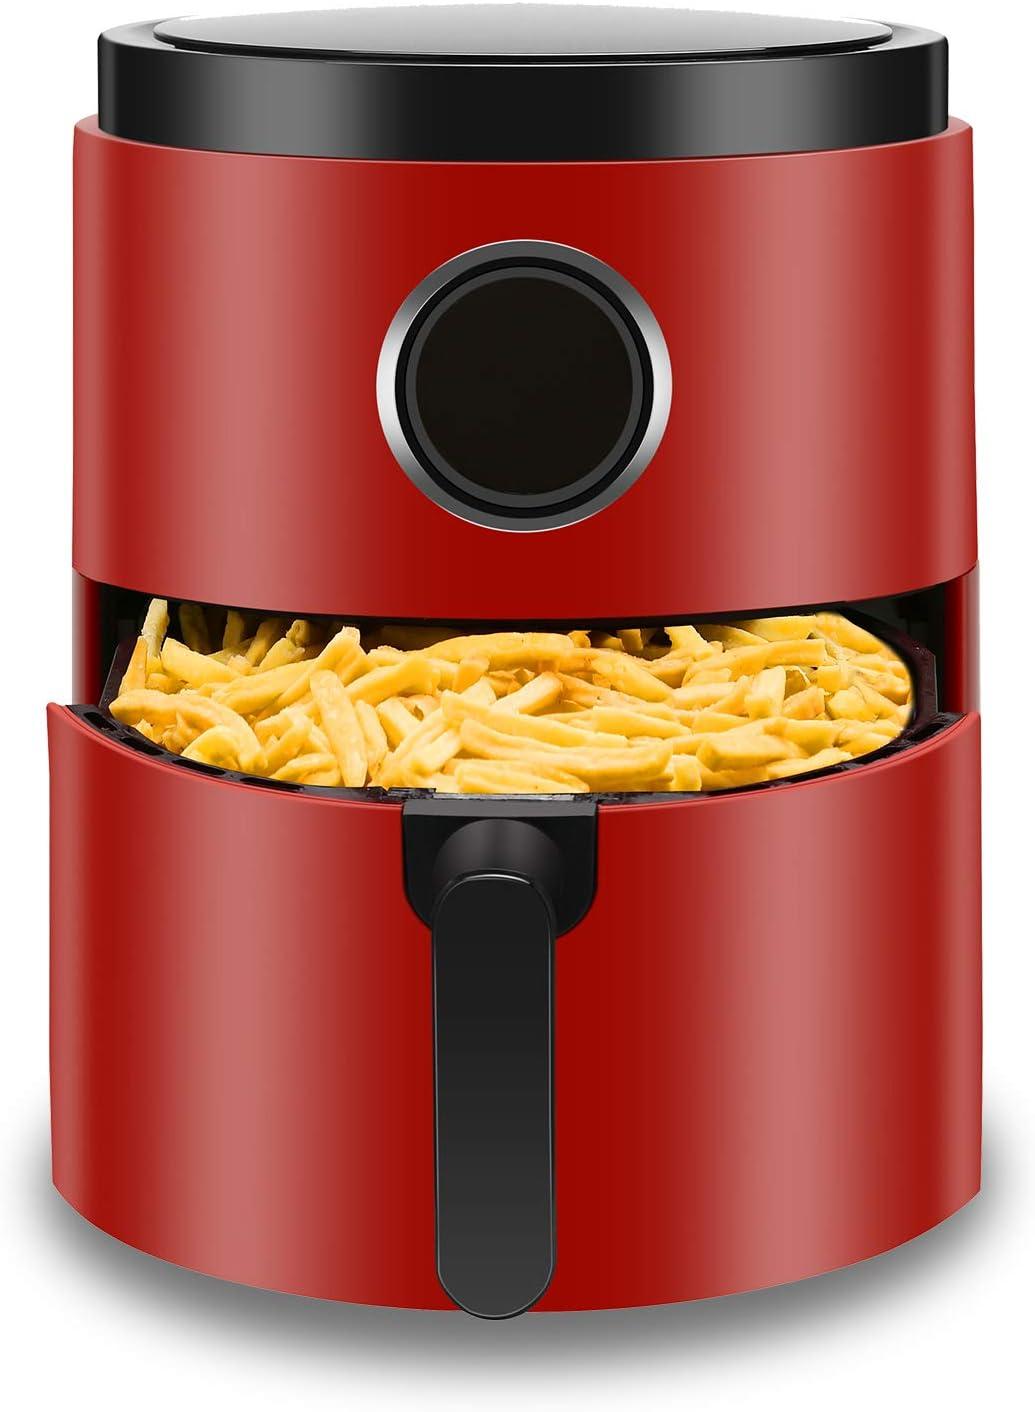 Antarctic Star 5.2 Finally resale start Quart Air Fryer OFFicial shop Digi Deep Free Chip Hot